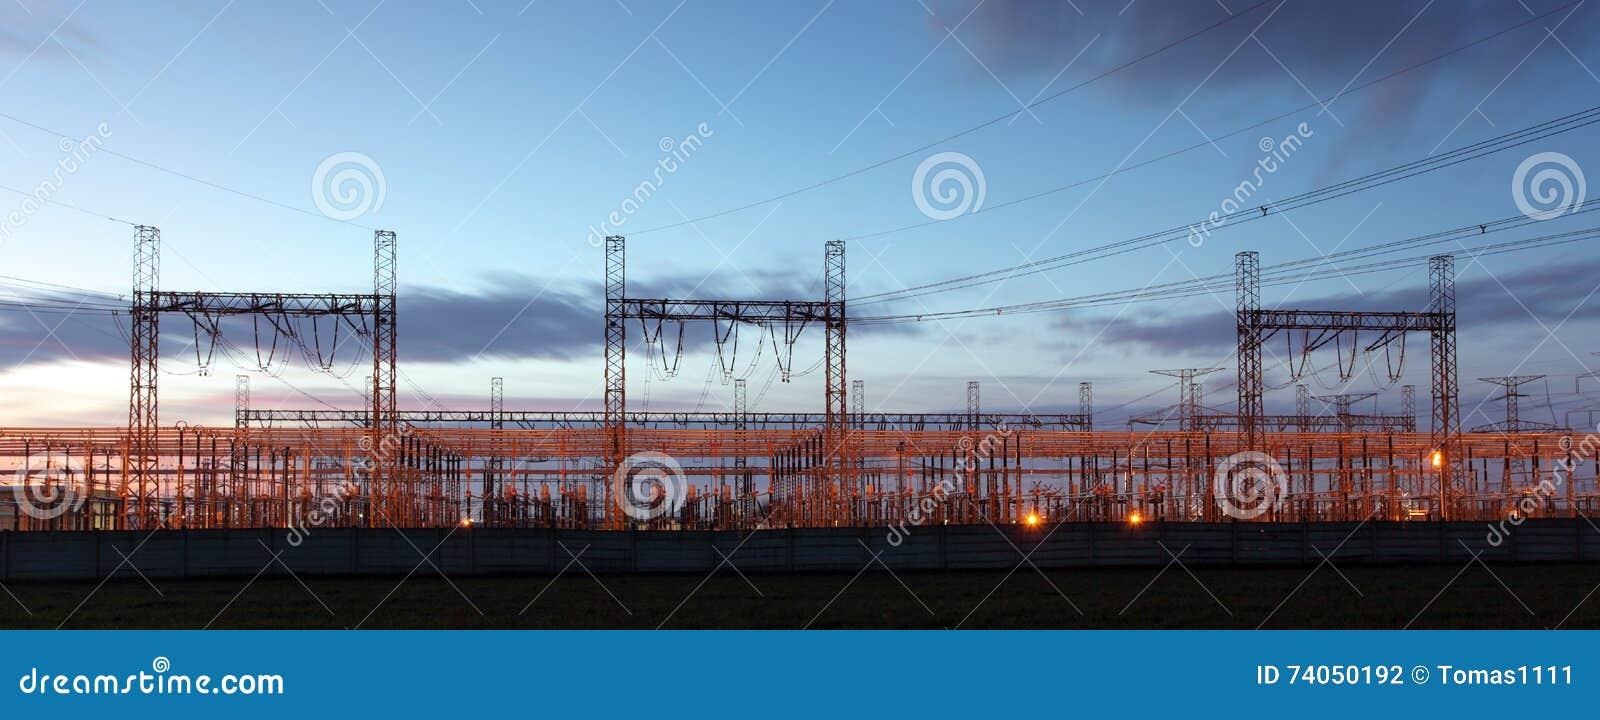 Distributiehulpkantoor tegen electricit die schemerhemel wordt gesilhouetteerd,